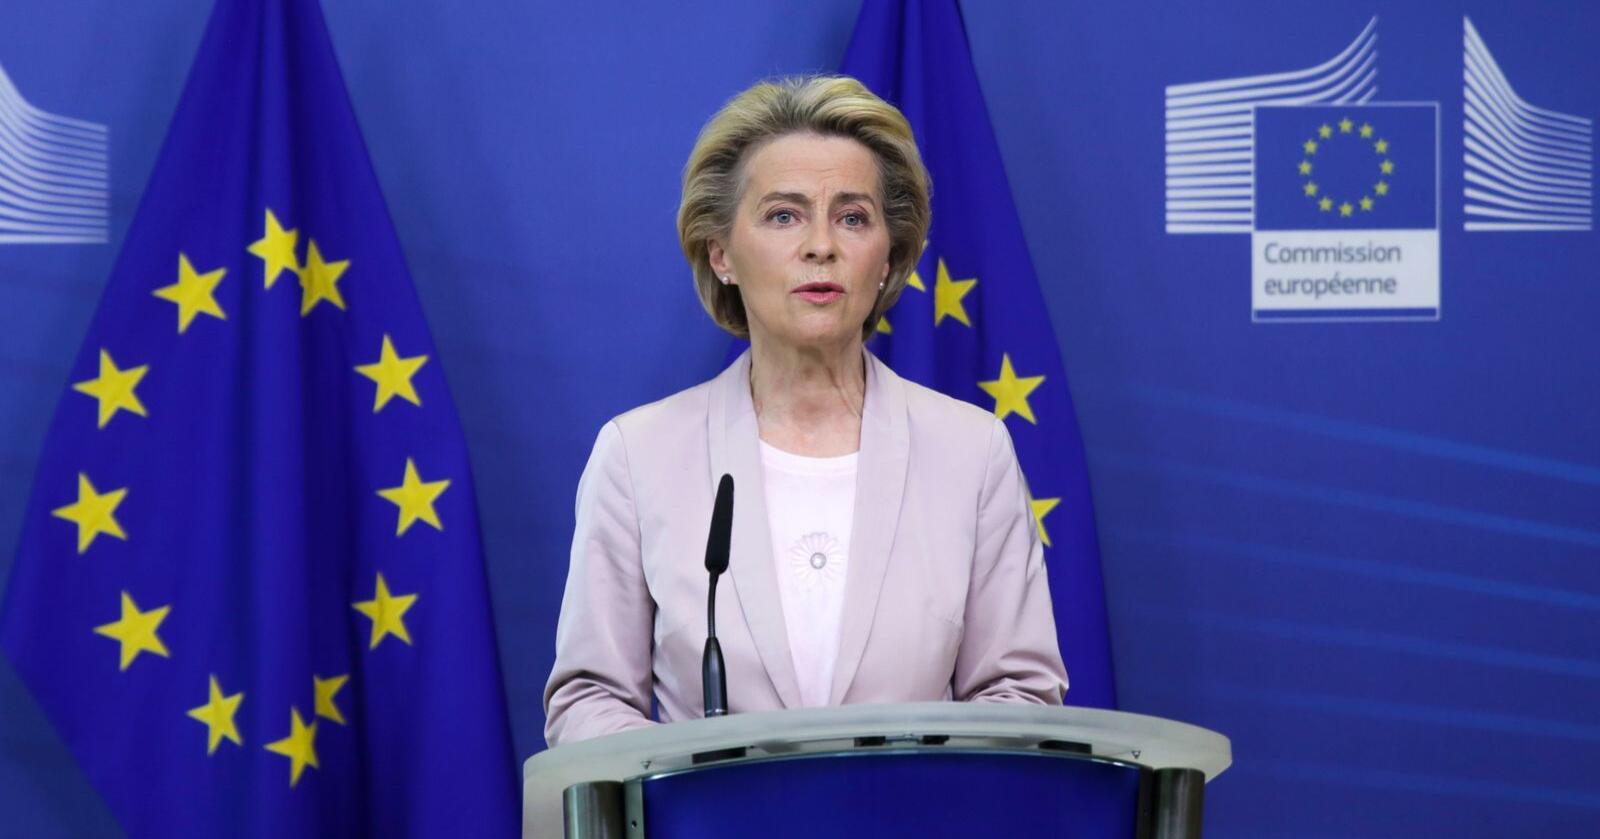 Skjerping av klimamålene for det kommende tiåret er ventet å være en del av budskapet fra Ursula von der Leyen når hun onsdag holder sin tale om unionens tilstand. Foto: Aris Oikonomou / AP / NTB scanpix